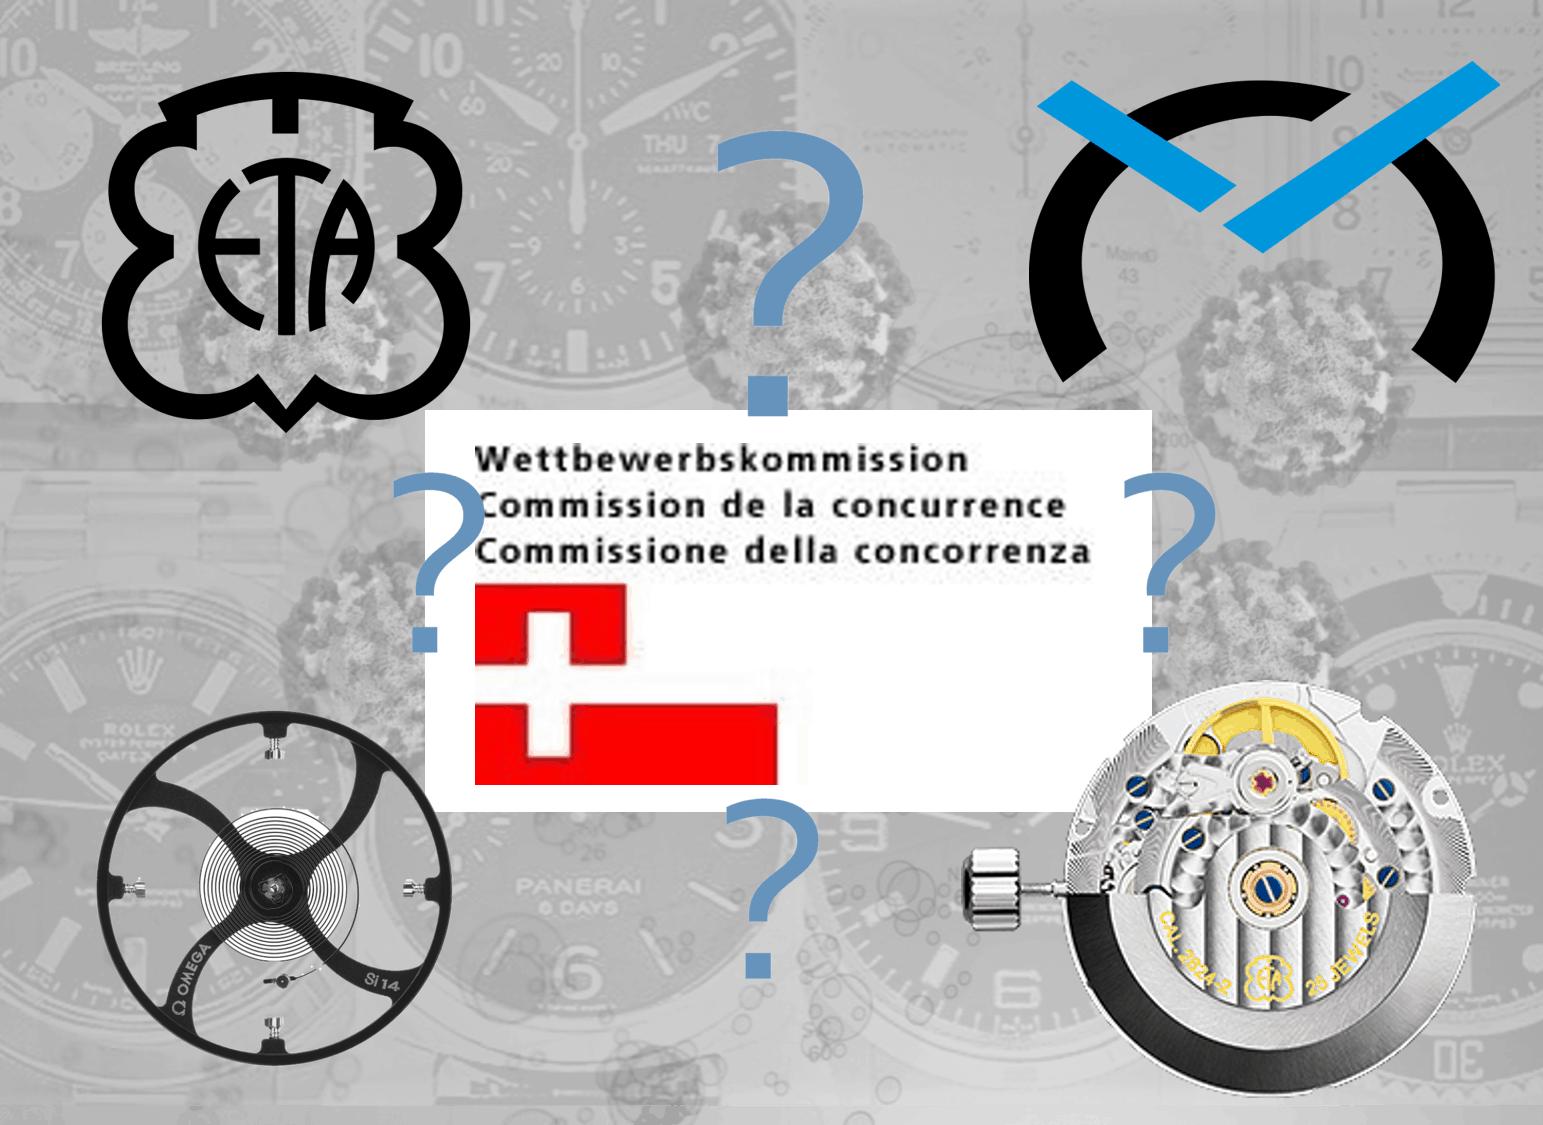 ETA, WEKO und die Probleme der Schweizer UhrenindustrieTurbulente Zeiten für ETA, Swatch und die Schweizer Uhrenindustrie. Die WEKO Entscheidung lässt aufhorchen.